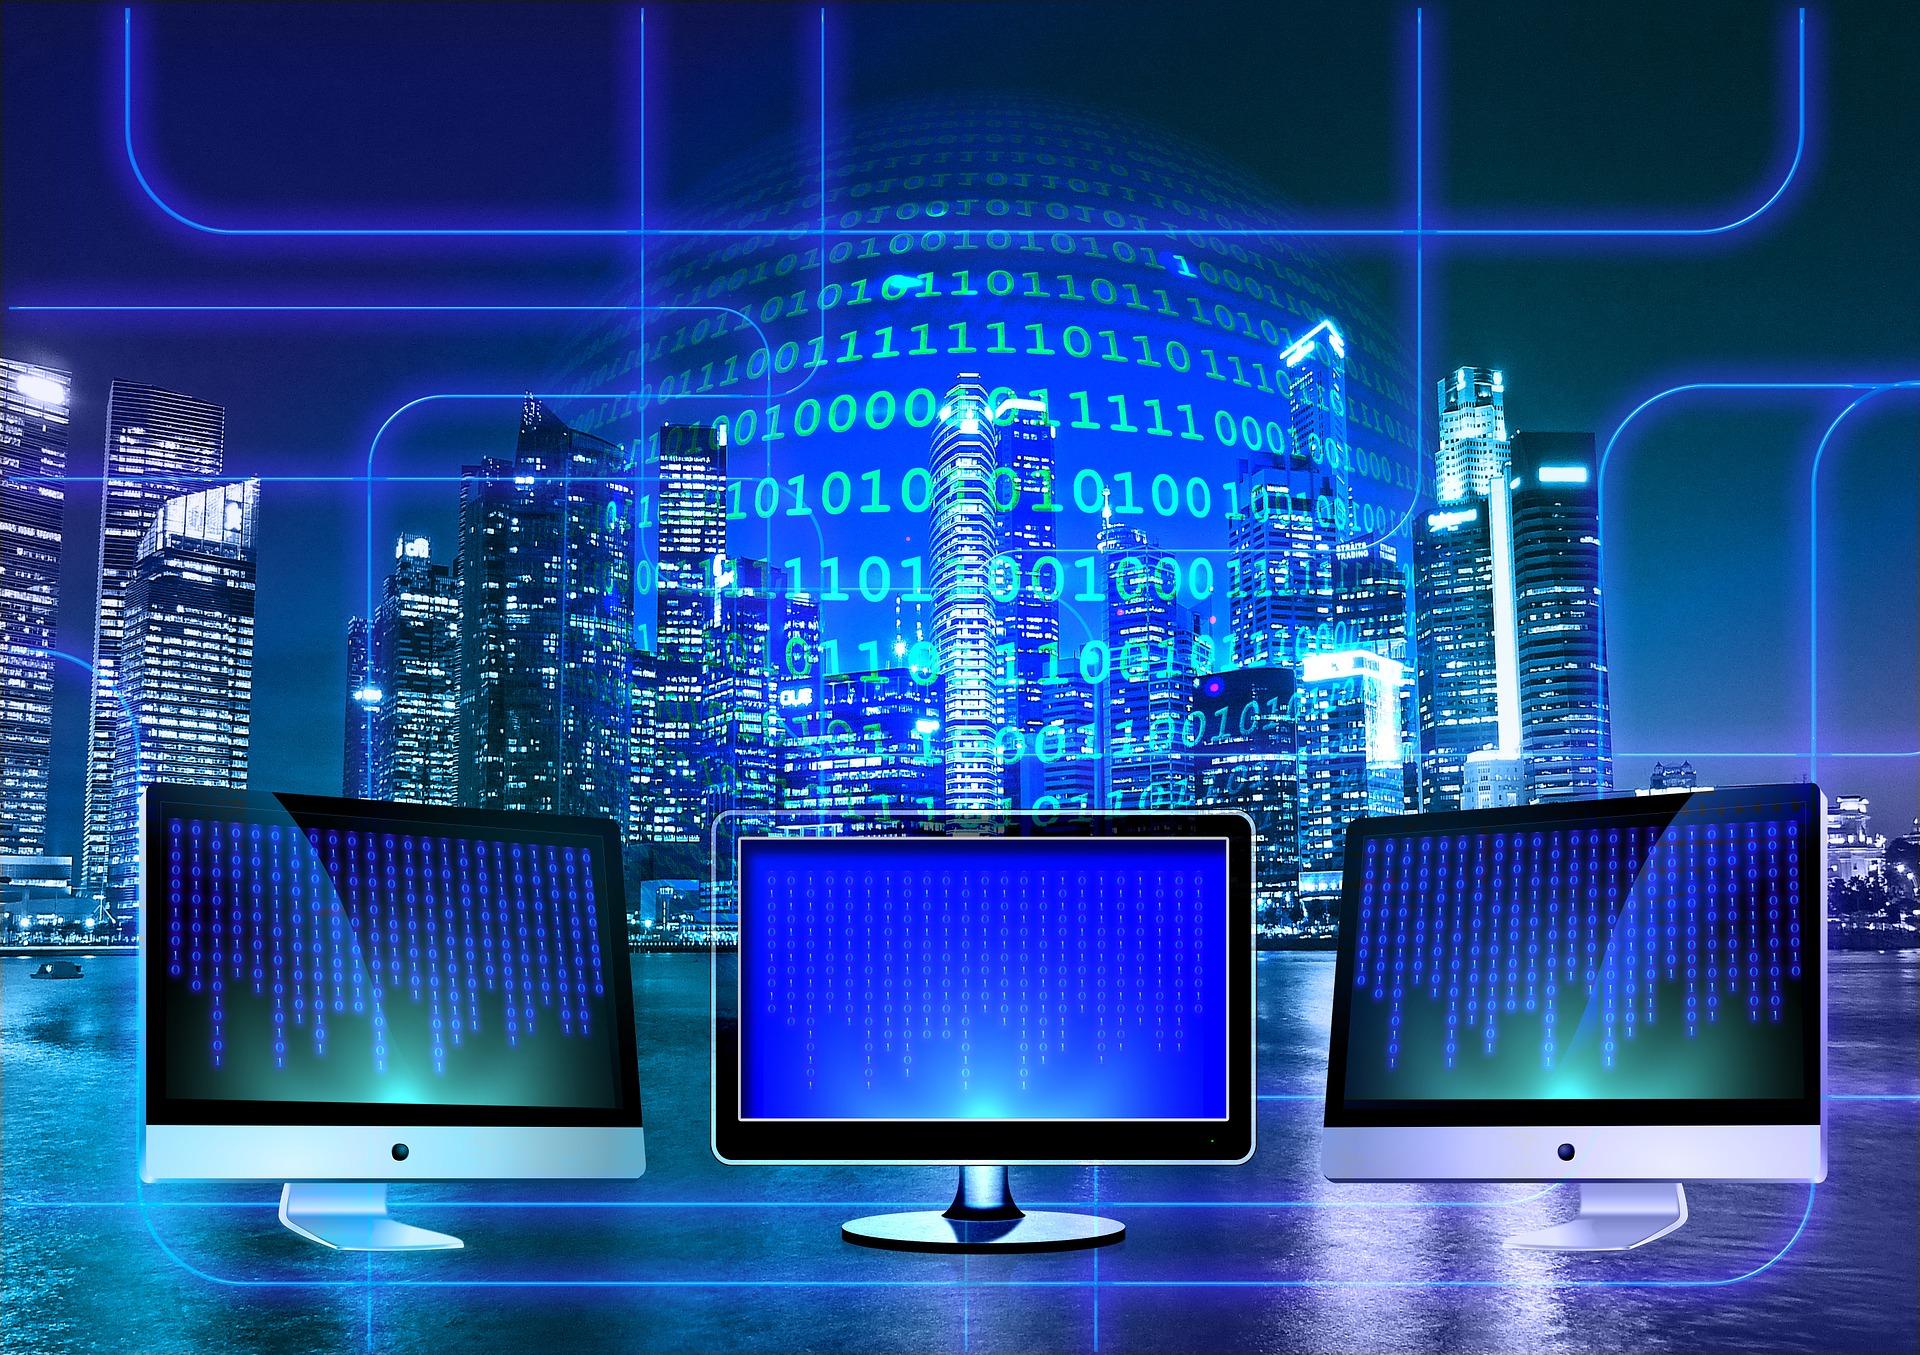 Online-Infoveranstaltung: Was könne wir glauben im Netz? Richtiges Surfen im Internet.